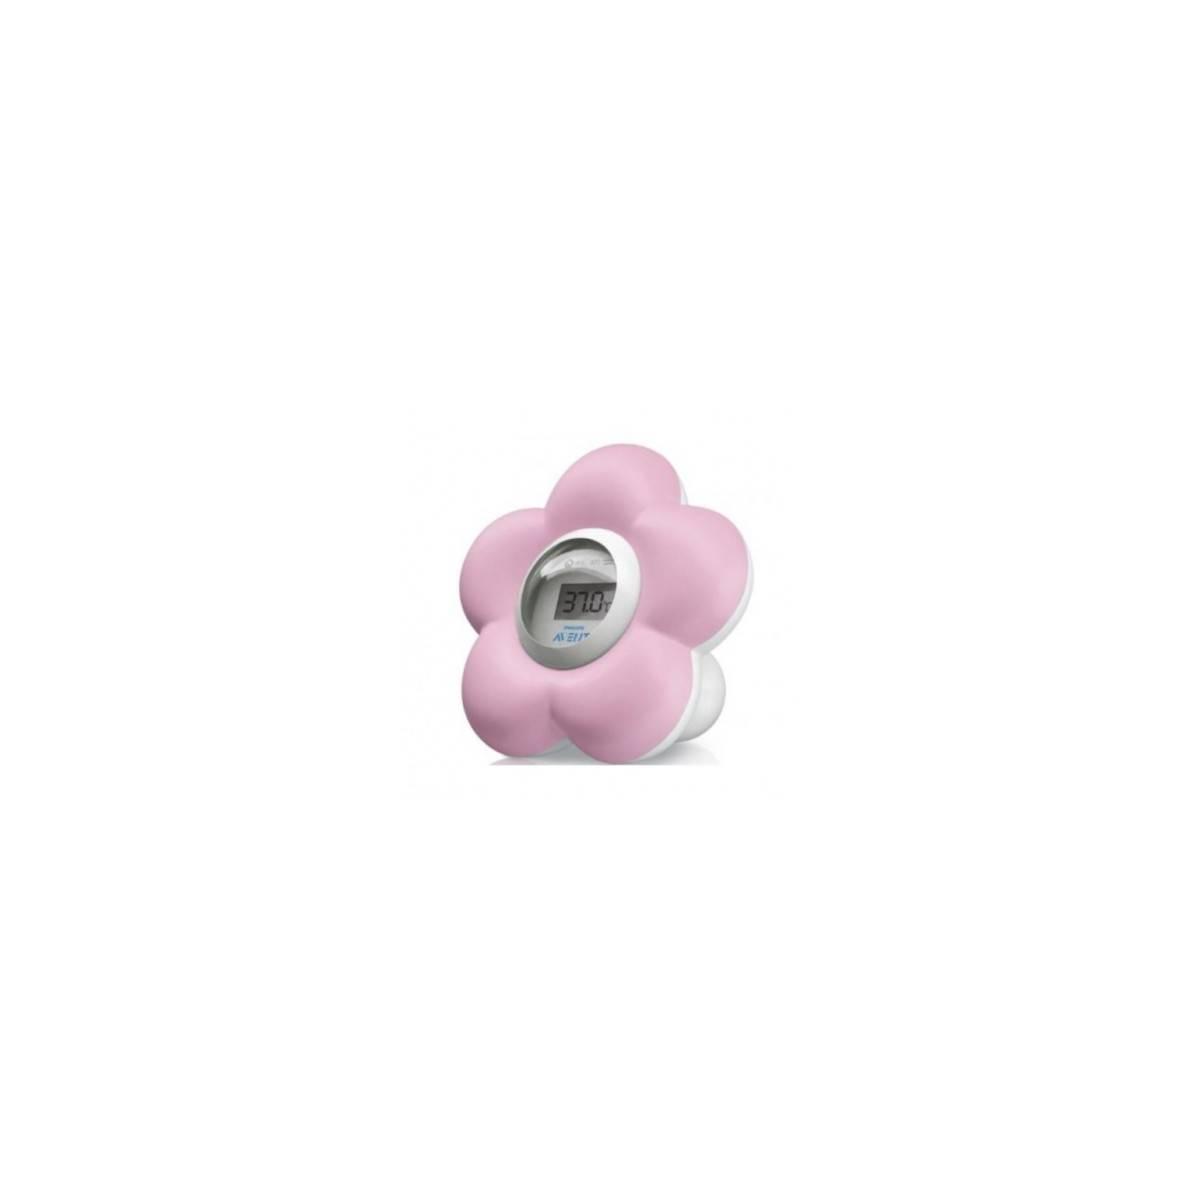 Philips Avent - Thermomètre Numérique Bain + Chambre - Rose